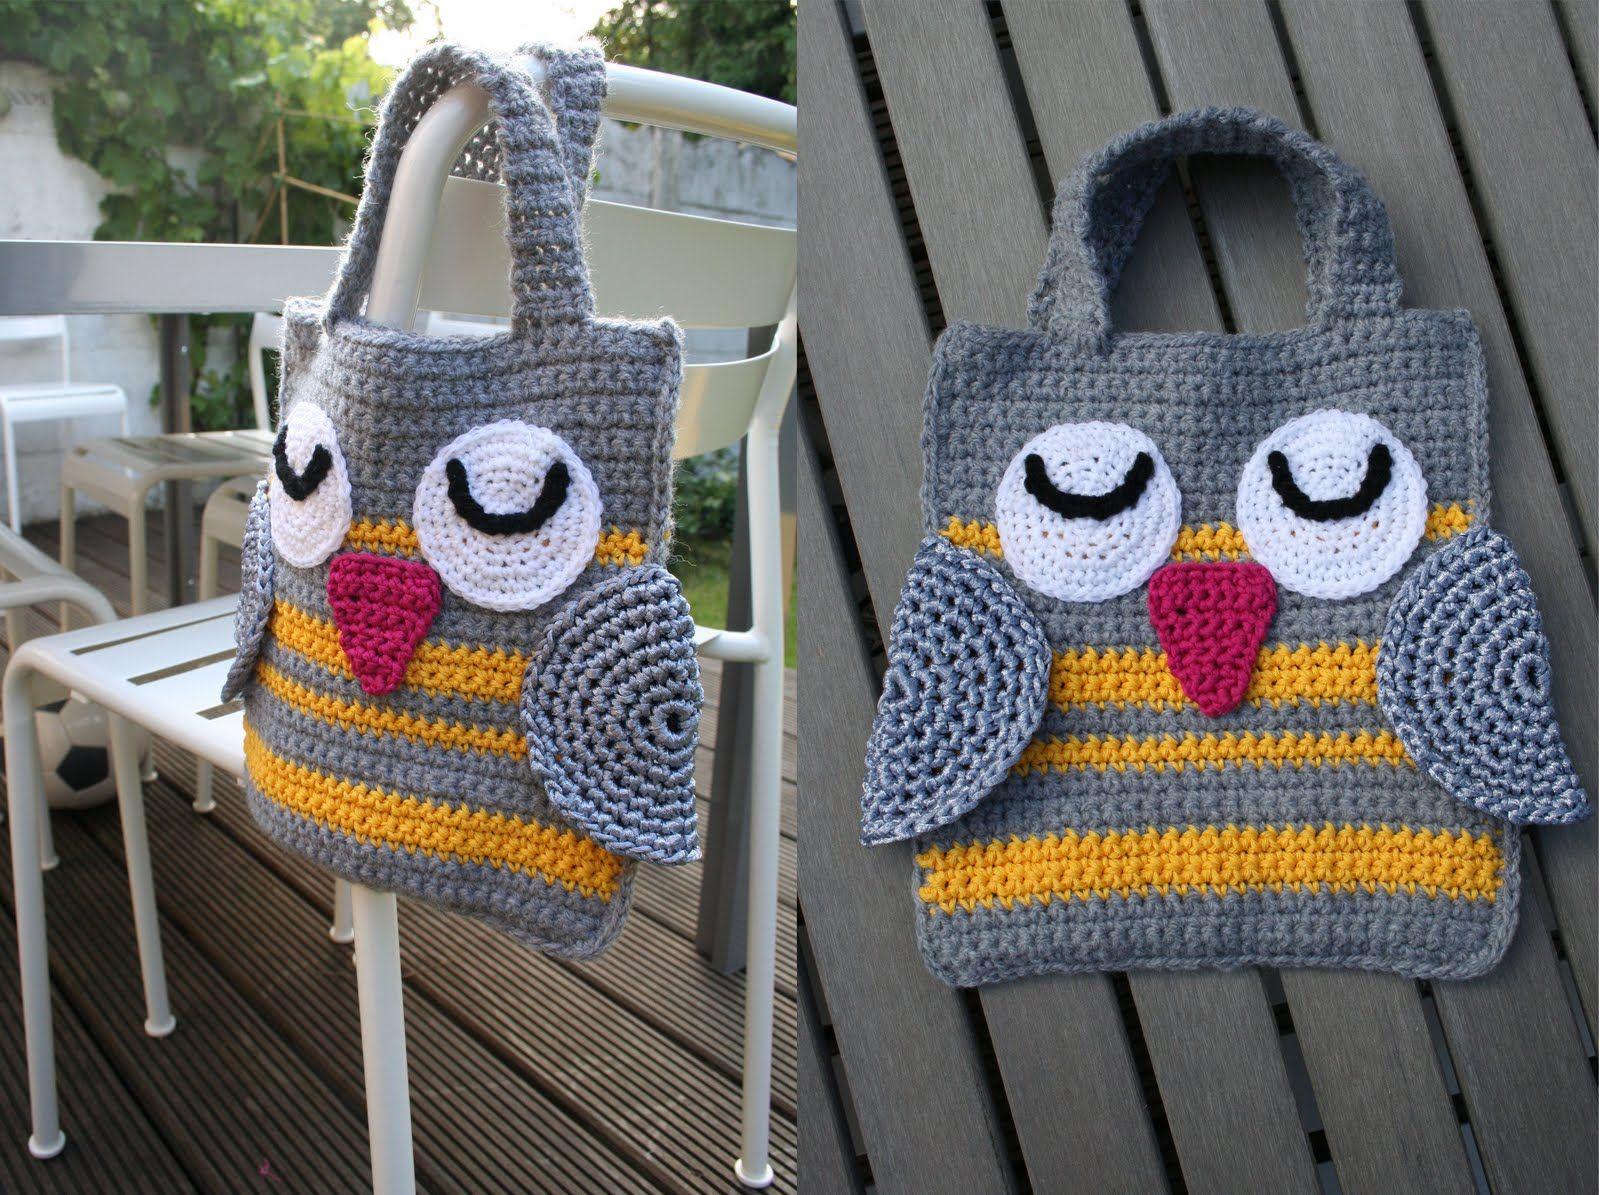 Uilen Tasje Haken Crochet Crochet Owls En Owl Bags